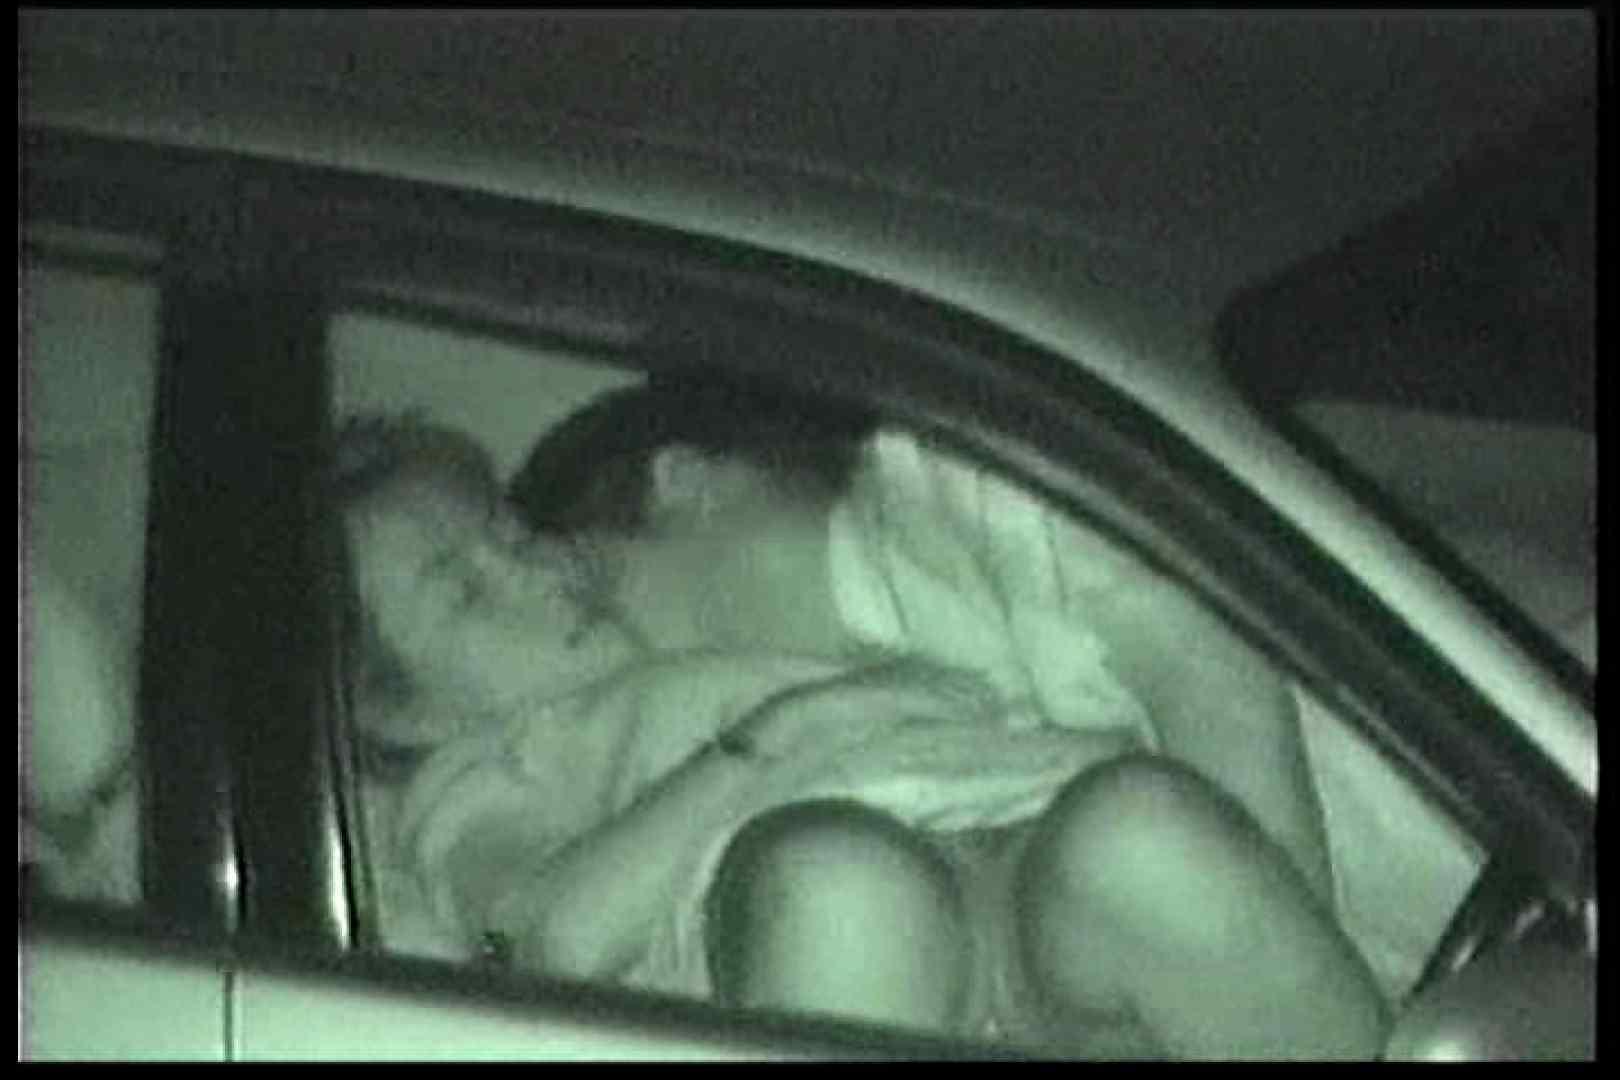 車の中はラブホテル 無修正版  Vol.11 すけべなカップル   セックス  86画像 41